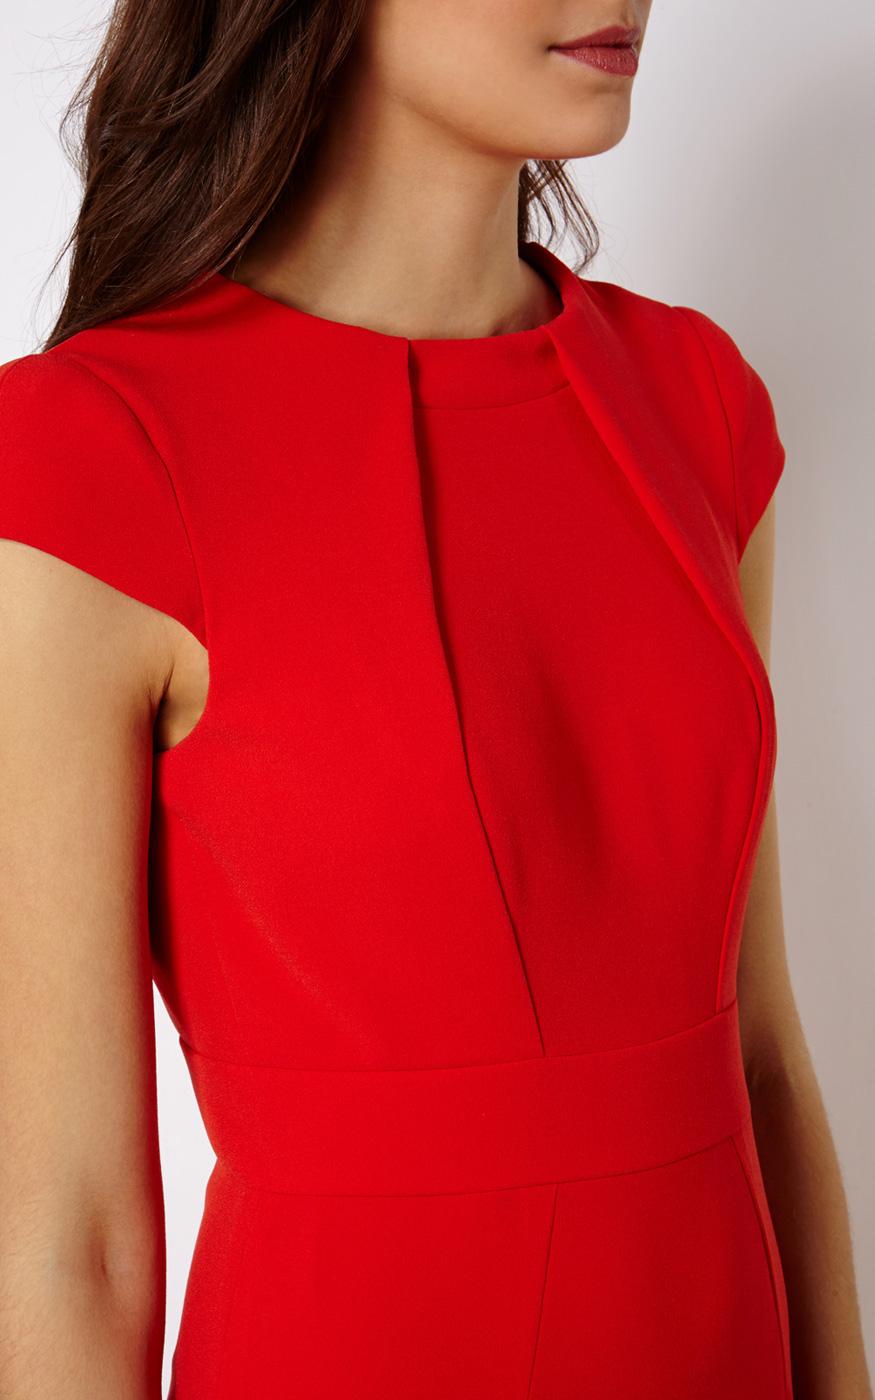 Karen millen red pencil dress in red lyst